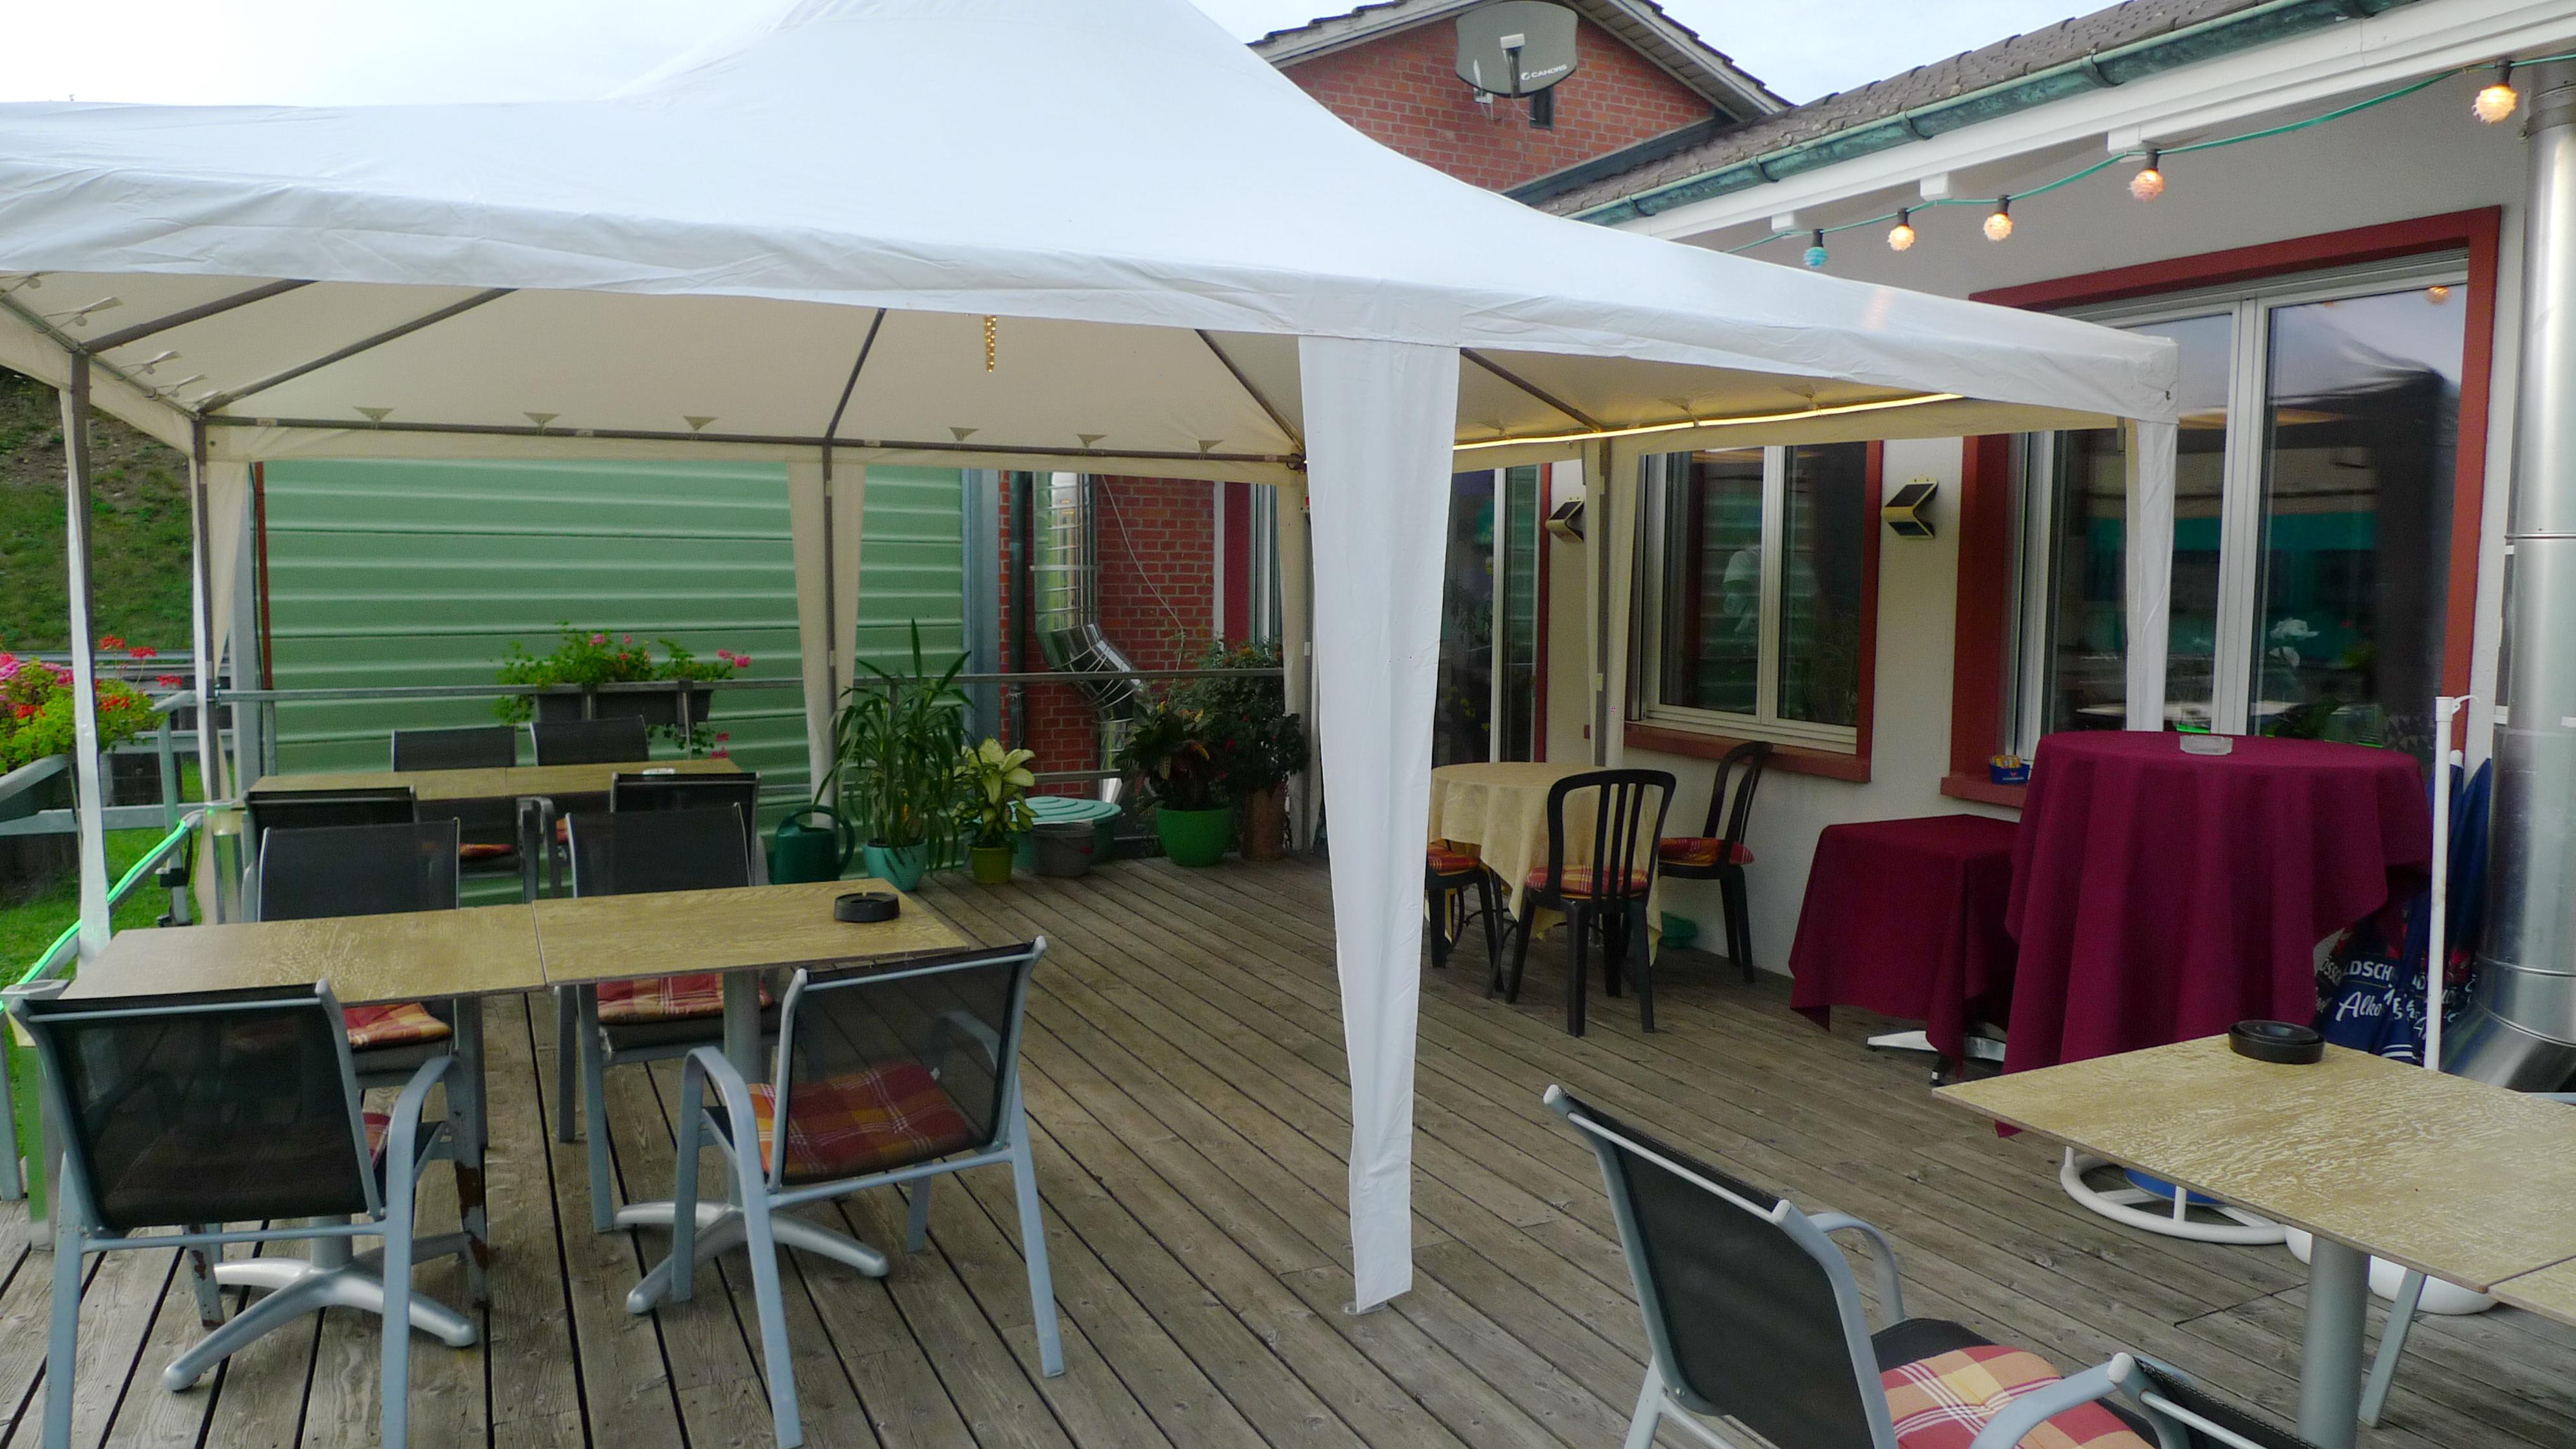 Aussenzelt-Restaurant-Lachmatt-T002